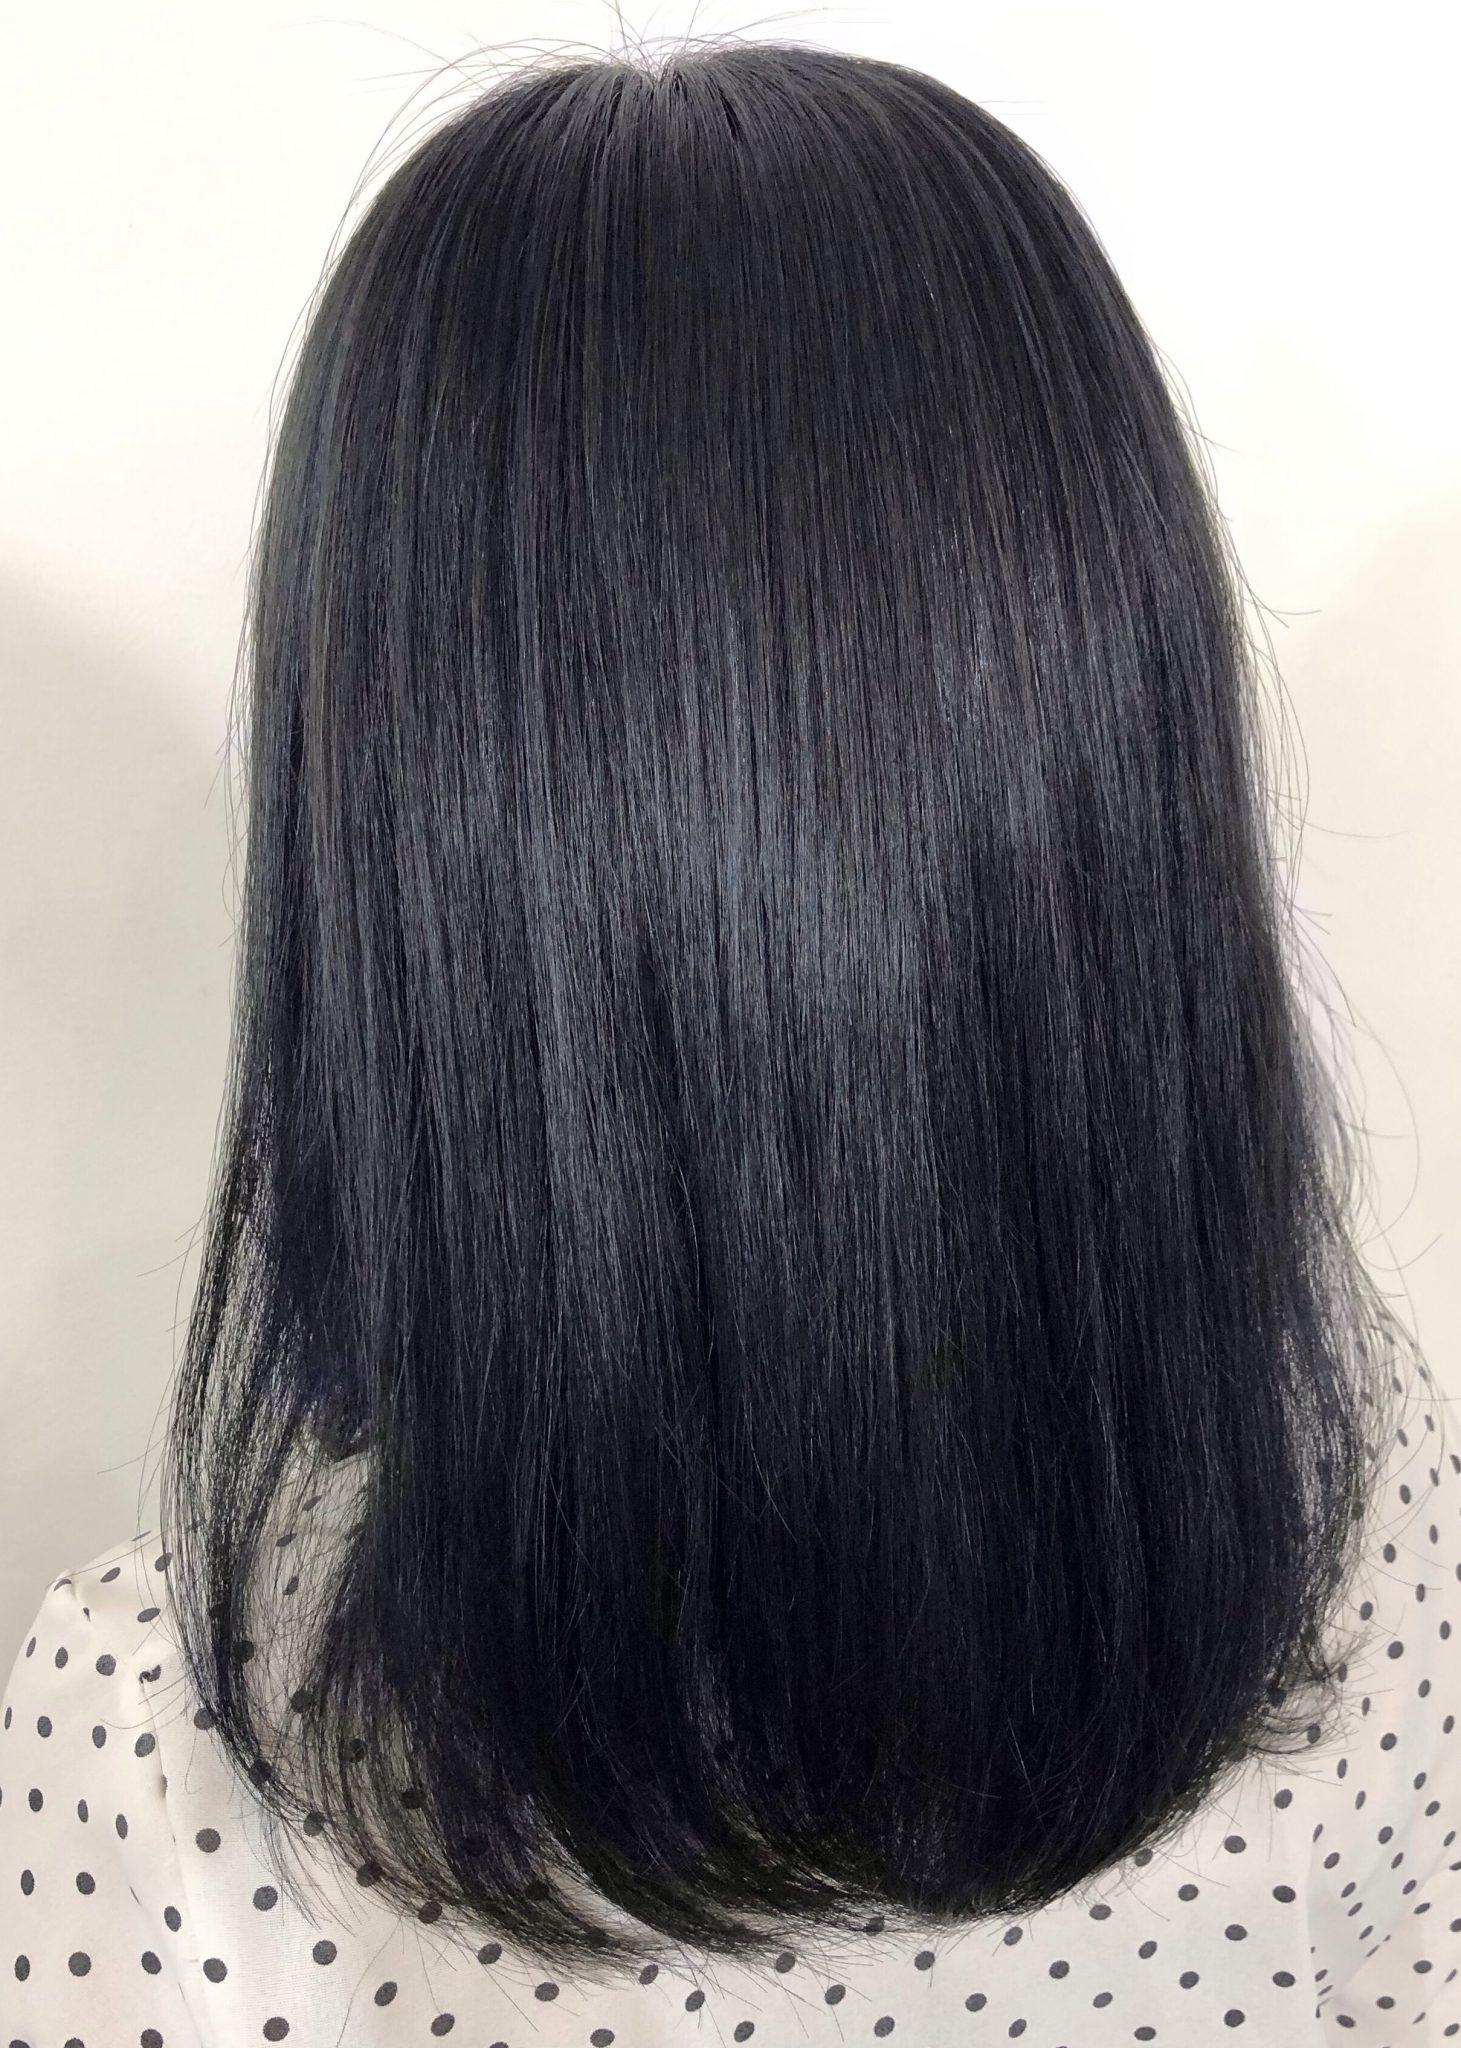 ★☆抜けても可愛い☆★ダークブルージュで大人かわいい艶髪ヘア